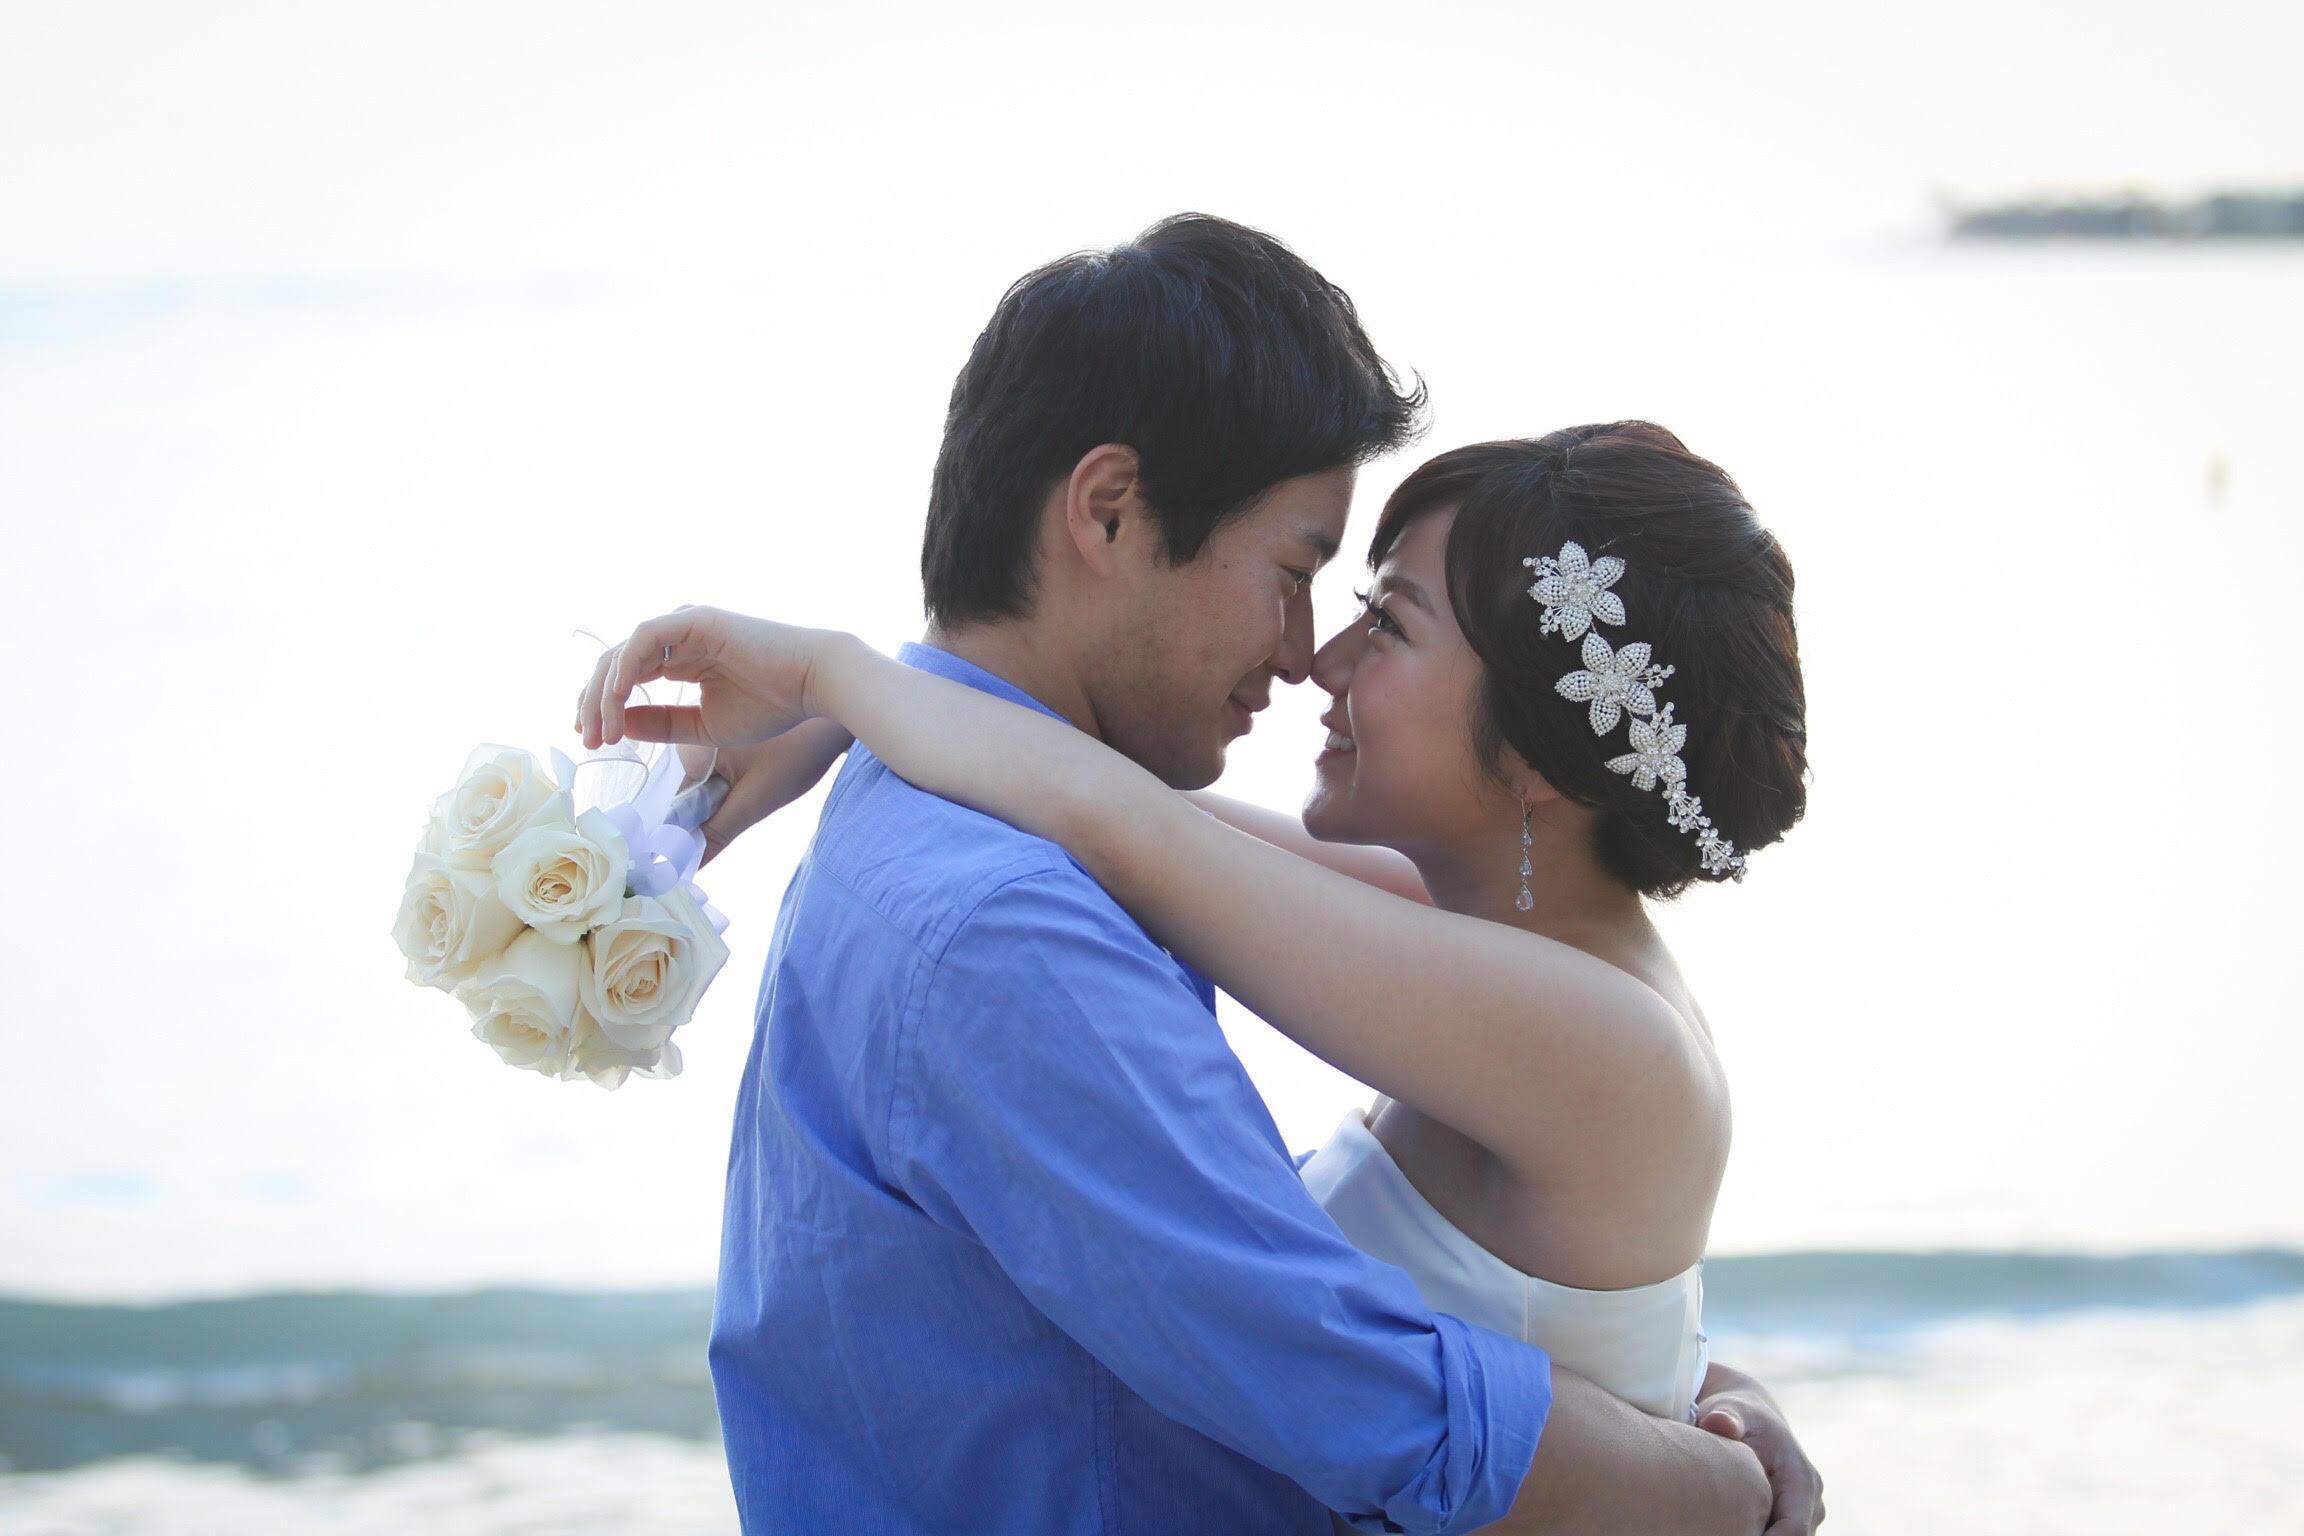 清水竜平さん(28歳)商社勤務、清水麻耶さん(25歳)主婦